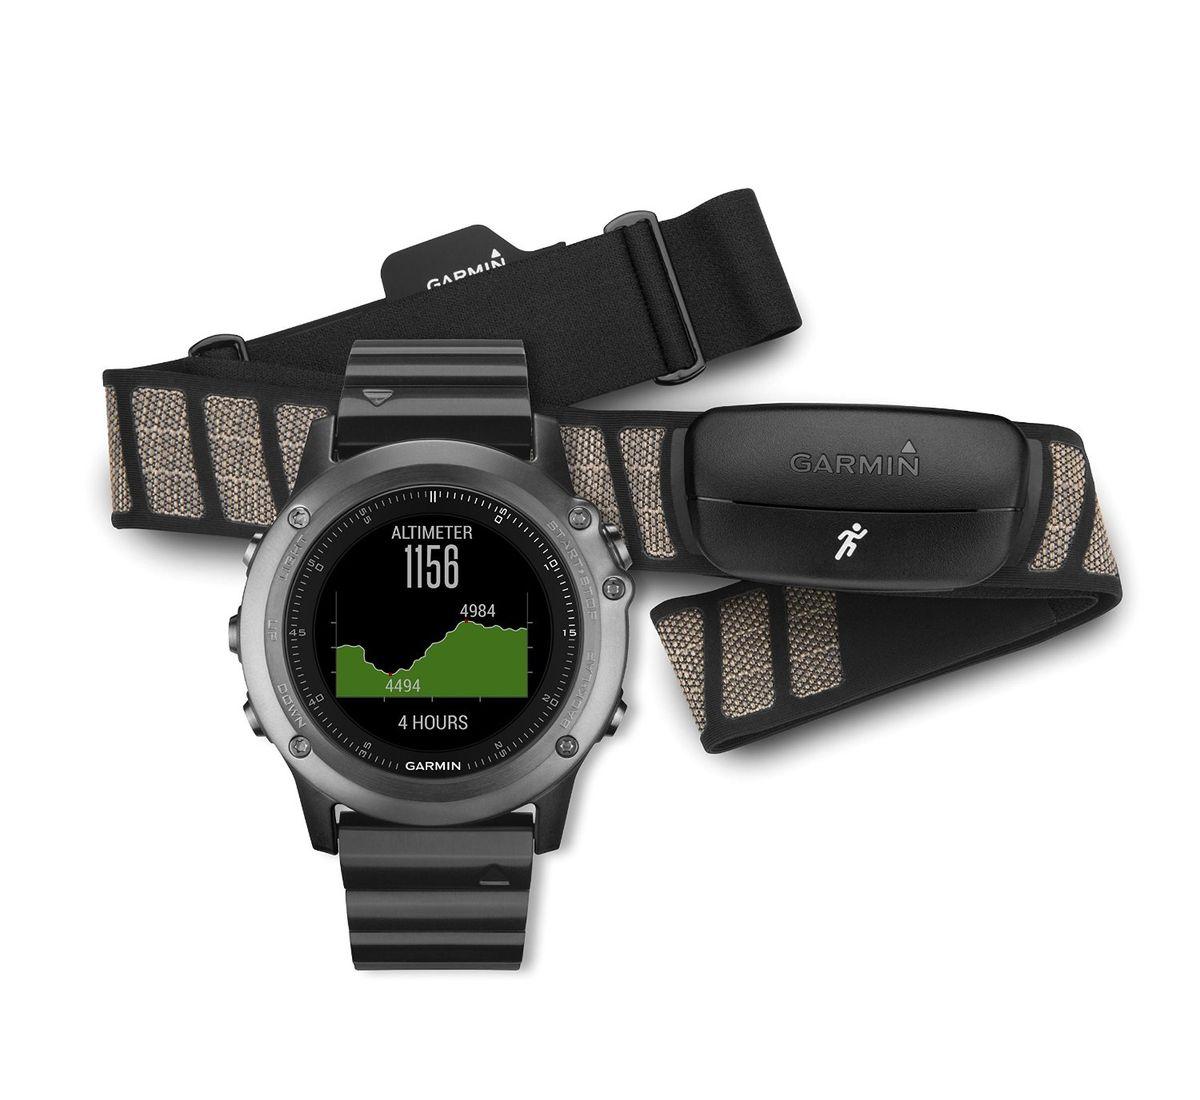 Смарт часы Garmin fenix 3 Sapphire с металлическим браслетом, HRM - Run (010-01338-26)010-01338-26Высокая эффективность в сочетании с высоким стилем Стальная антенна EXO™ с поддержкой спутников GPS + GLONASS для быстрого приема сигналов и точного расчета местоположения 1,2-дюймовый цветной дисплей Chroma™ с отличным качеством изображения даже при солнечном свете Функции для тренировок, включая VO2 Max и рекомендации по восстановлению (при использовании с пульсометром?) Навигационные функции, включая 3-осевой компас, альтиметр и барометр, TracBack и Sight'n Go Совместимость с Connect IQ™ для загрузки приложений, виджетов, циферблатов и полей данных Fenix 3 представляет собой прочные, функциональные и «умные» спортивные часы «мультиспорт» с GPS-приемником. Поскольку устройство включает в себя наборы функций для тренировок и для навигации, оно готово к любым спортивным занятиям или соревнованиям. Доступ к платформе Connect IQ позволяет настраивать циферблаты, поля данных, виджеты и действия. Благодаря компактному и легкому корпусу Fenix 3 не замедлит Вас во время тренировки и не...